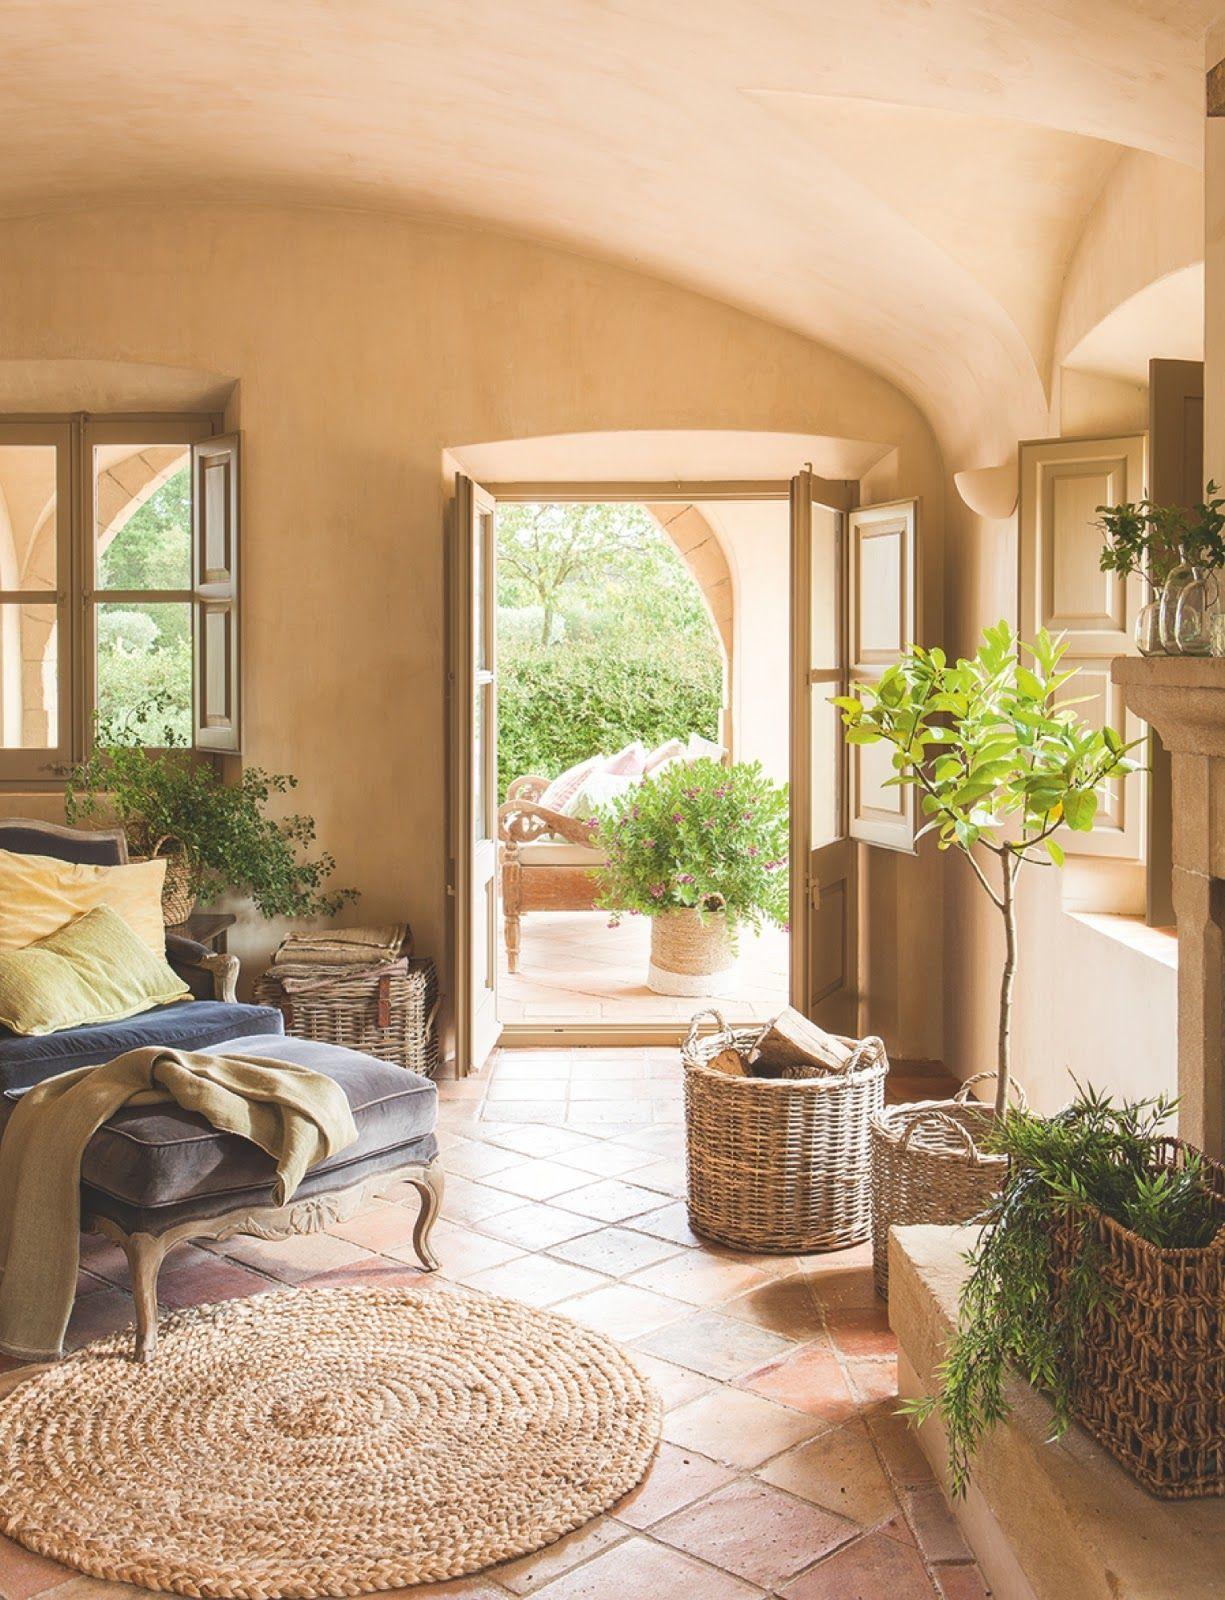 1225 1600 casas especiales pinterest casa for Decorar una casa de campo